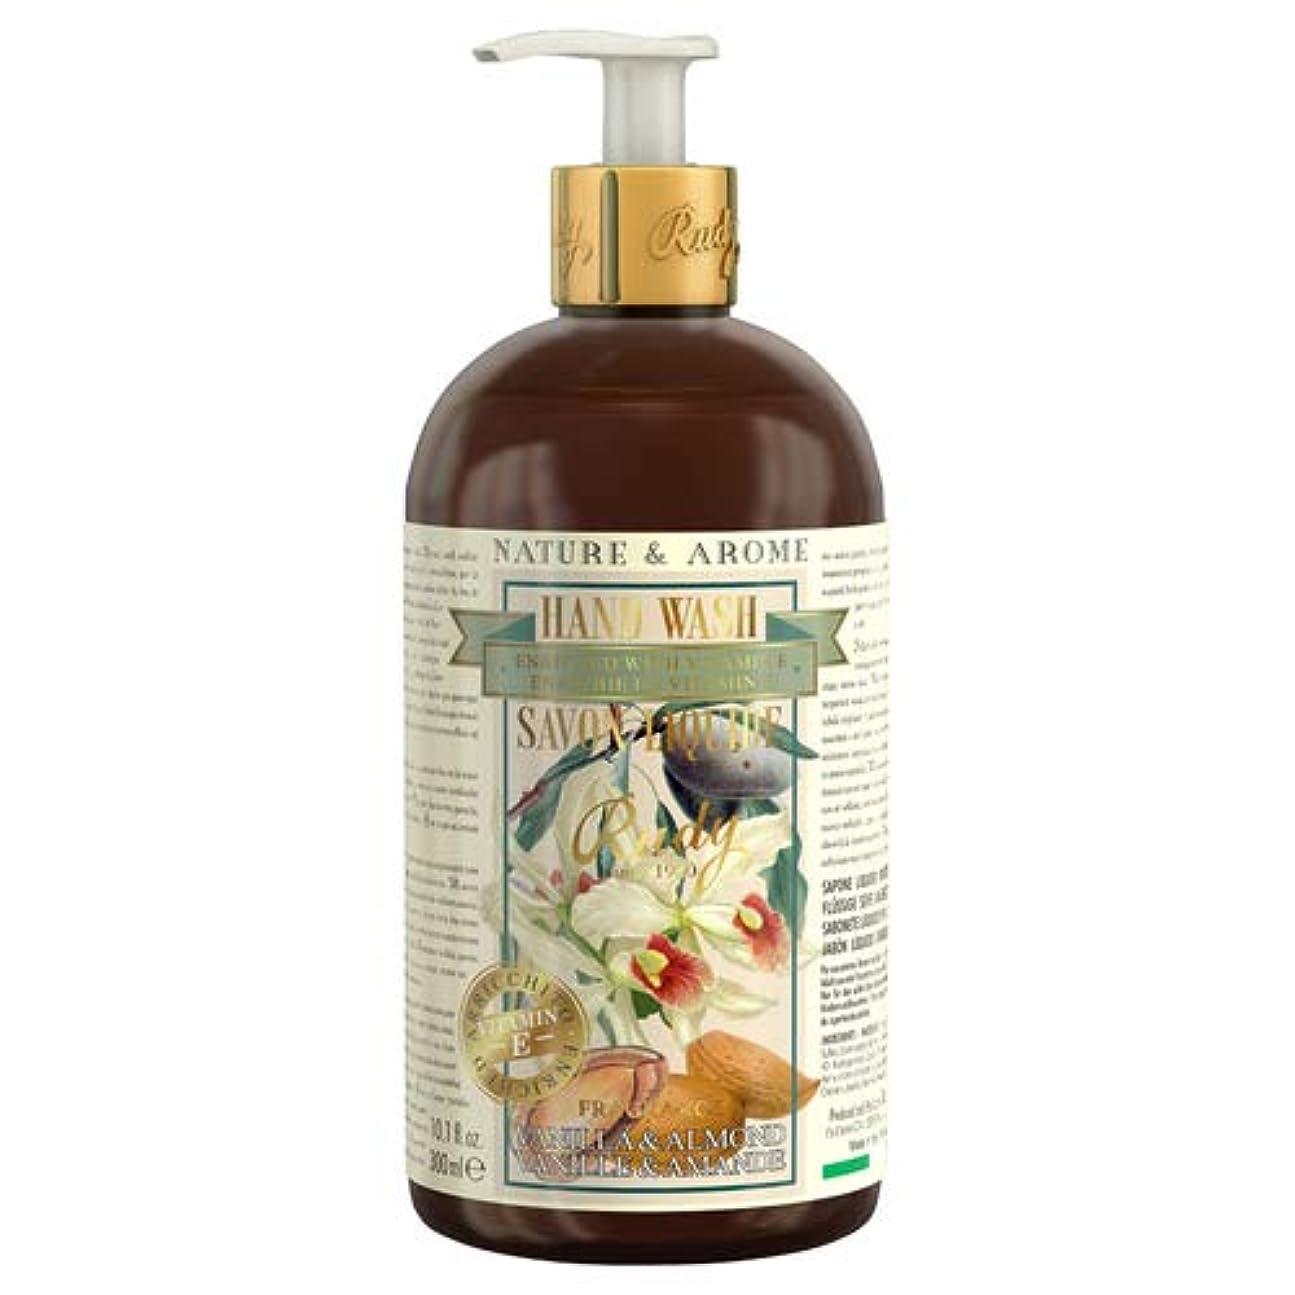 恥ずかしさ結婚トランザクションルディ(Rudy) RUDY Nature&Arome Apothecary ネイチャーアロマ アポセカリー Hand Wash ハンドウォッシュ(ボディソープ) Vanilla & Almond バニラ&アーモンド